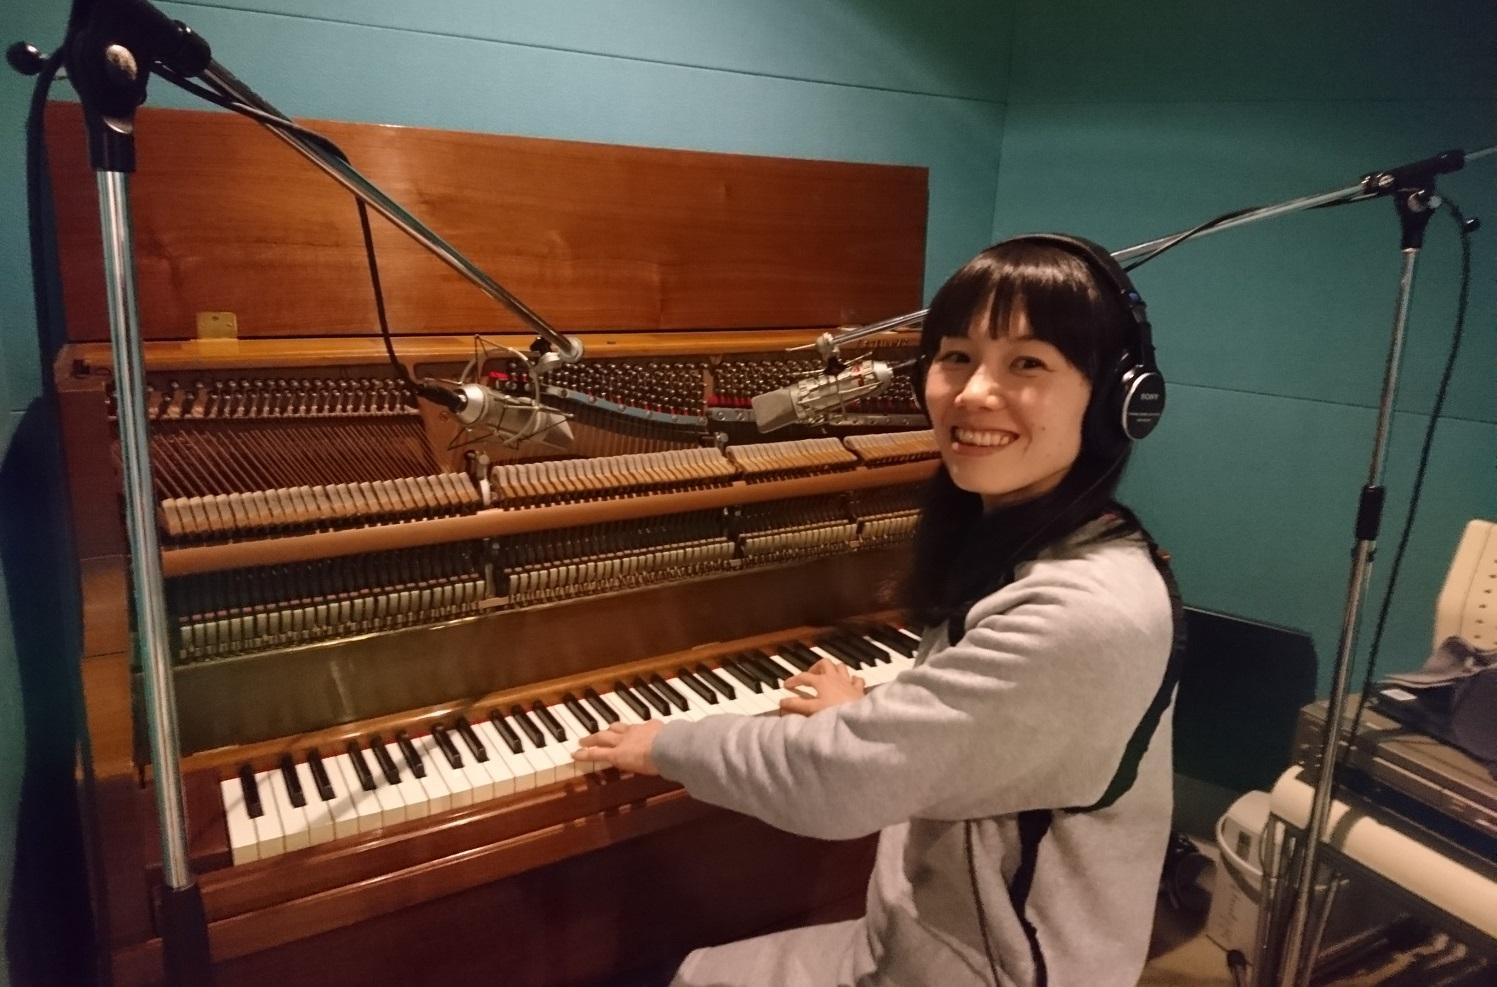 あのCMソングでもお馴染み!ピアノポップSSWのリカロープ、今を生きるうた「ひらけふたば」を本日デジタルリリース!